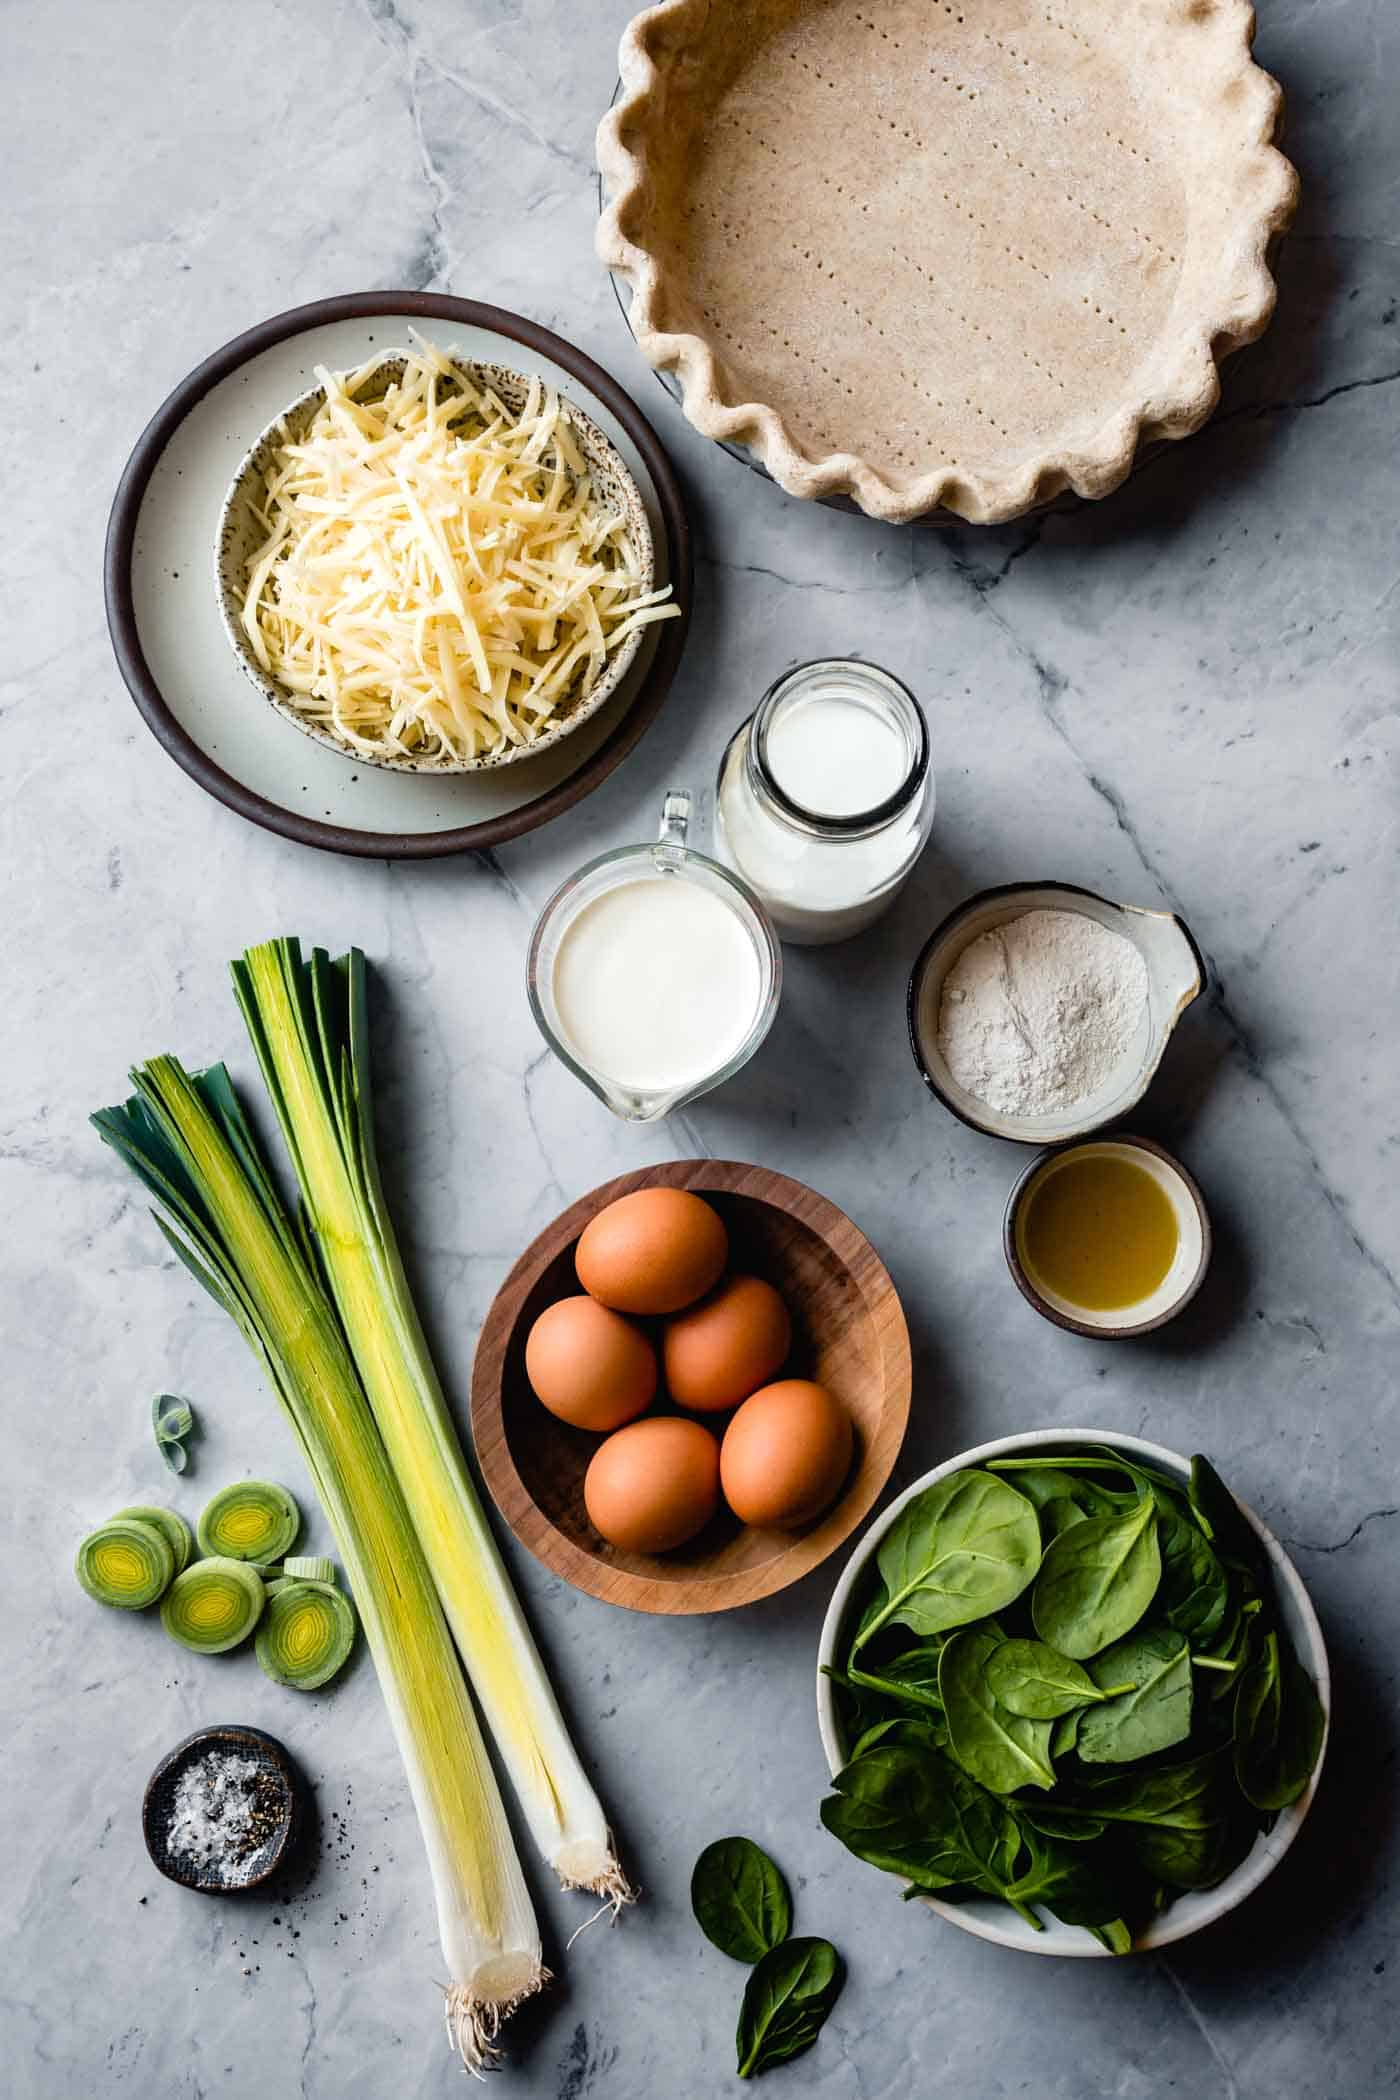 ingredients for gluten-free spinach quiche recipe